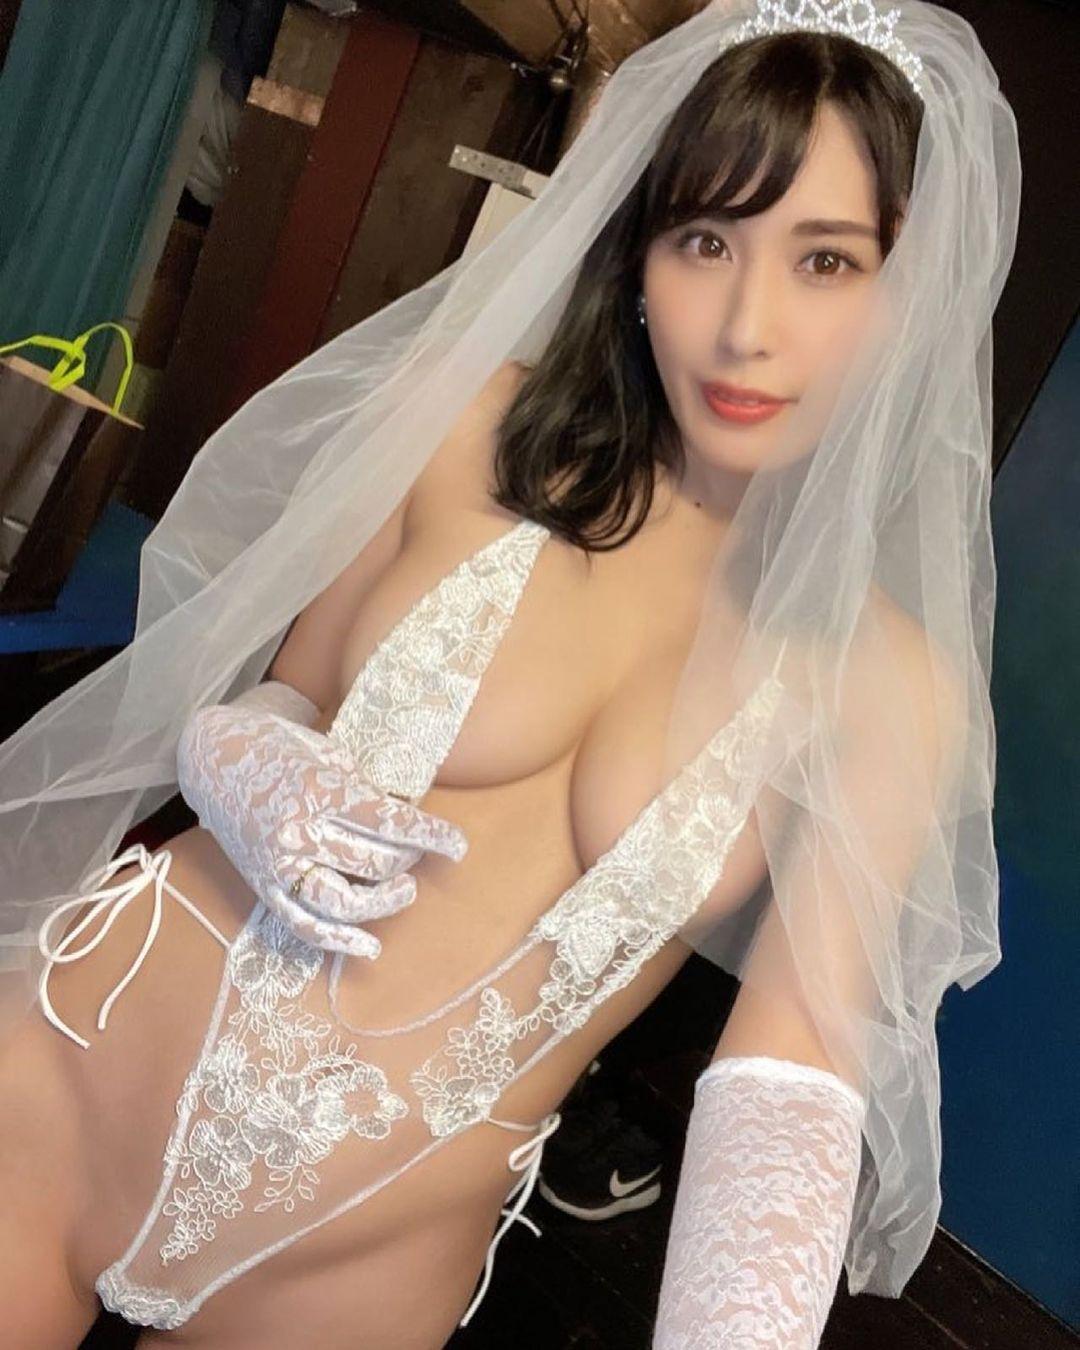 「誰かもらってくれませんか?」セクシー花嫁衣装姿を披露【金子智美さん/2021年6月21日】